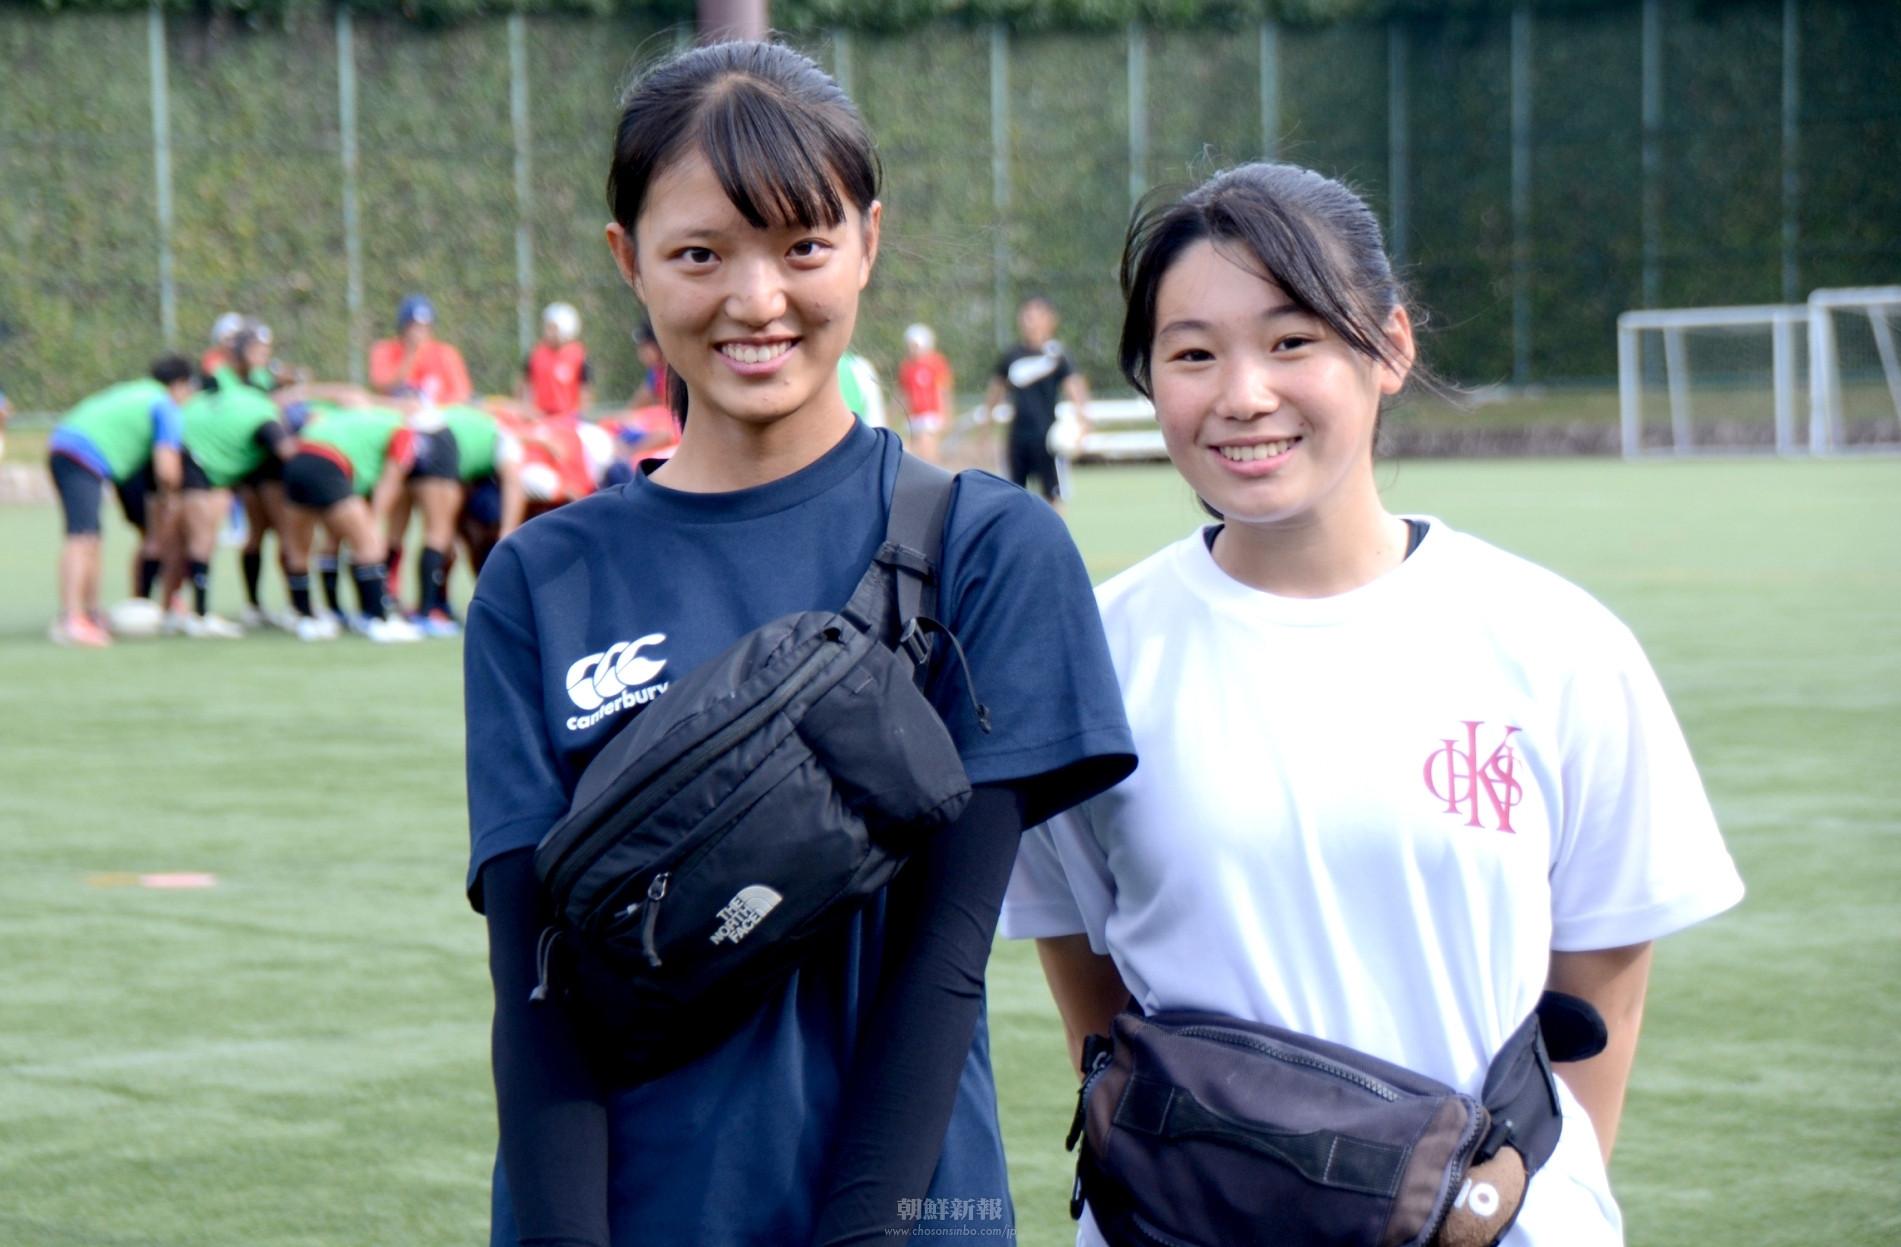 〈特集・大阪朝高ラグビー部 4〉明るい性格でチームを照らす/陰で支える女子マネージャーたち